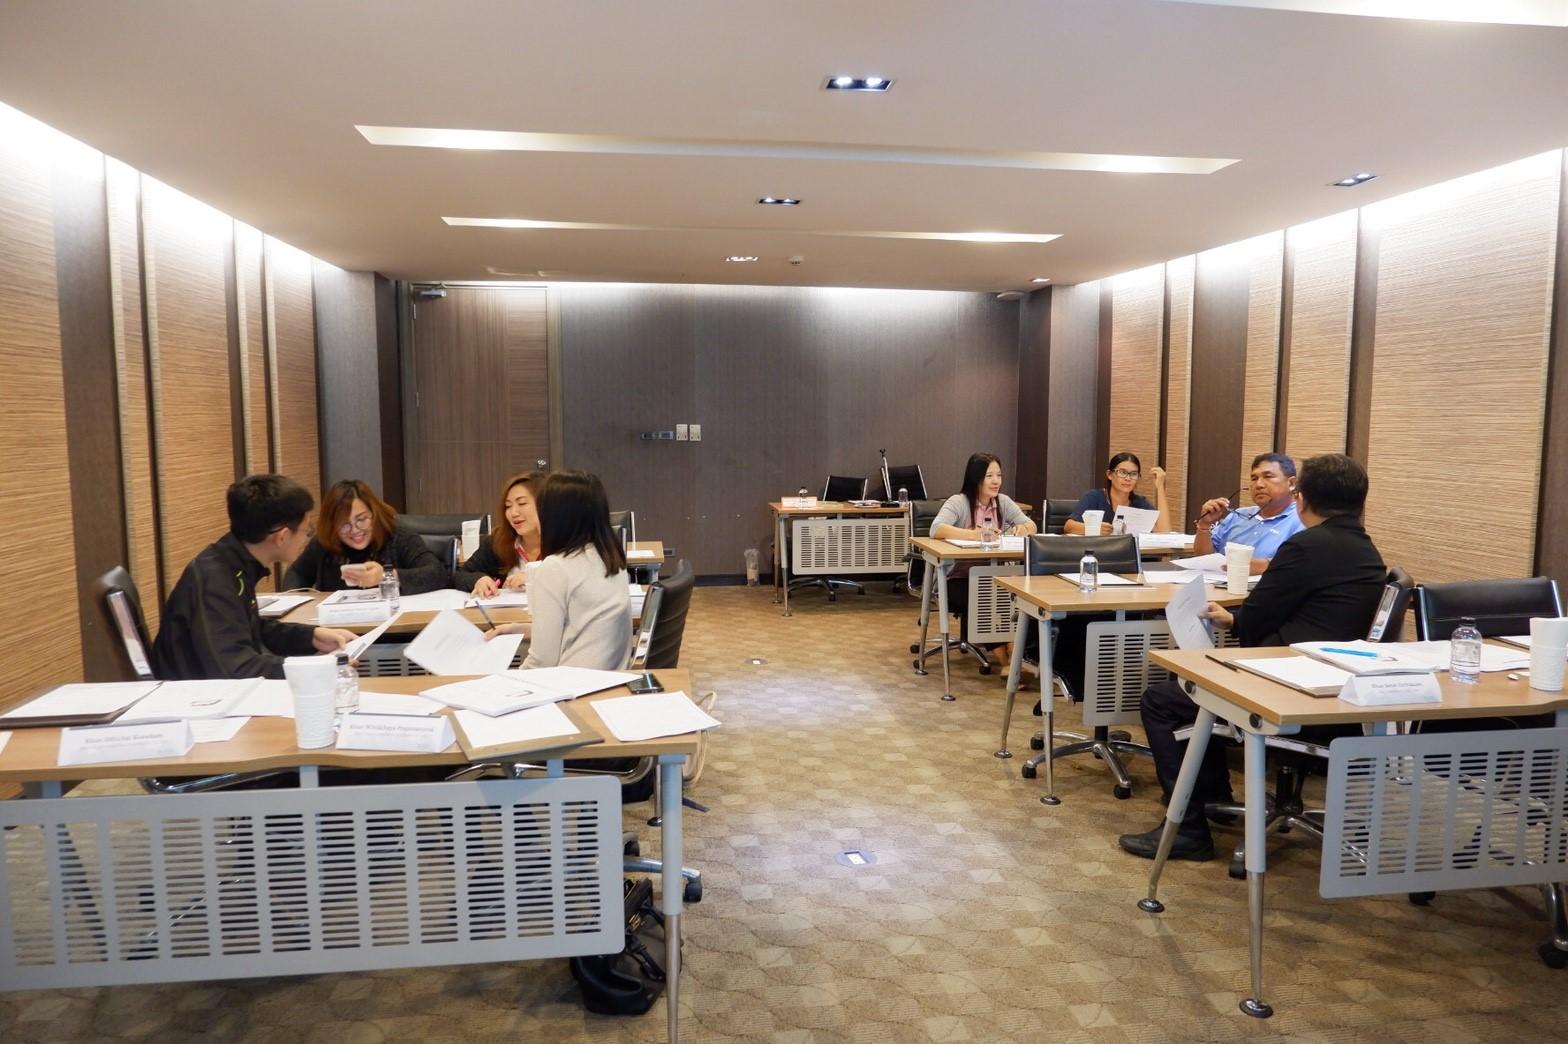 Public Seminar @ Mida Hotel Don Mueang Airport Bangkok